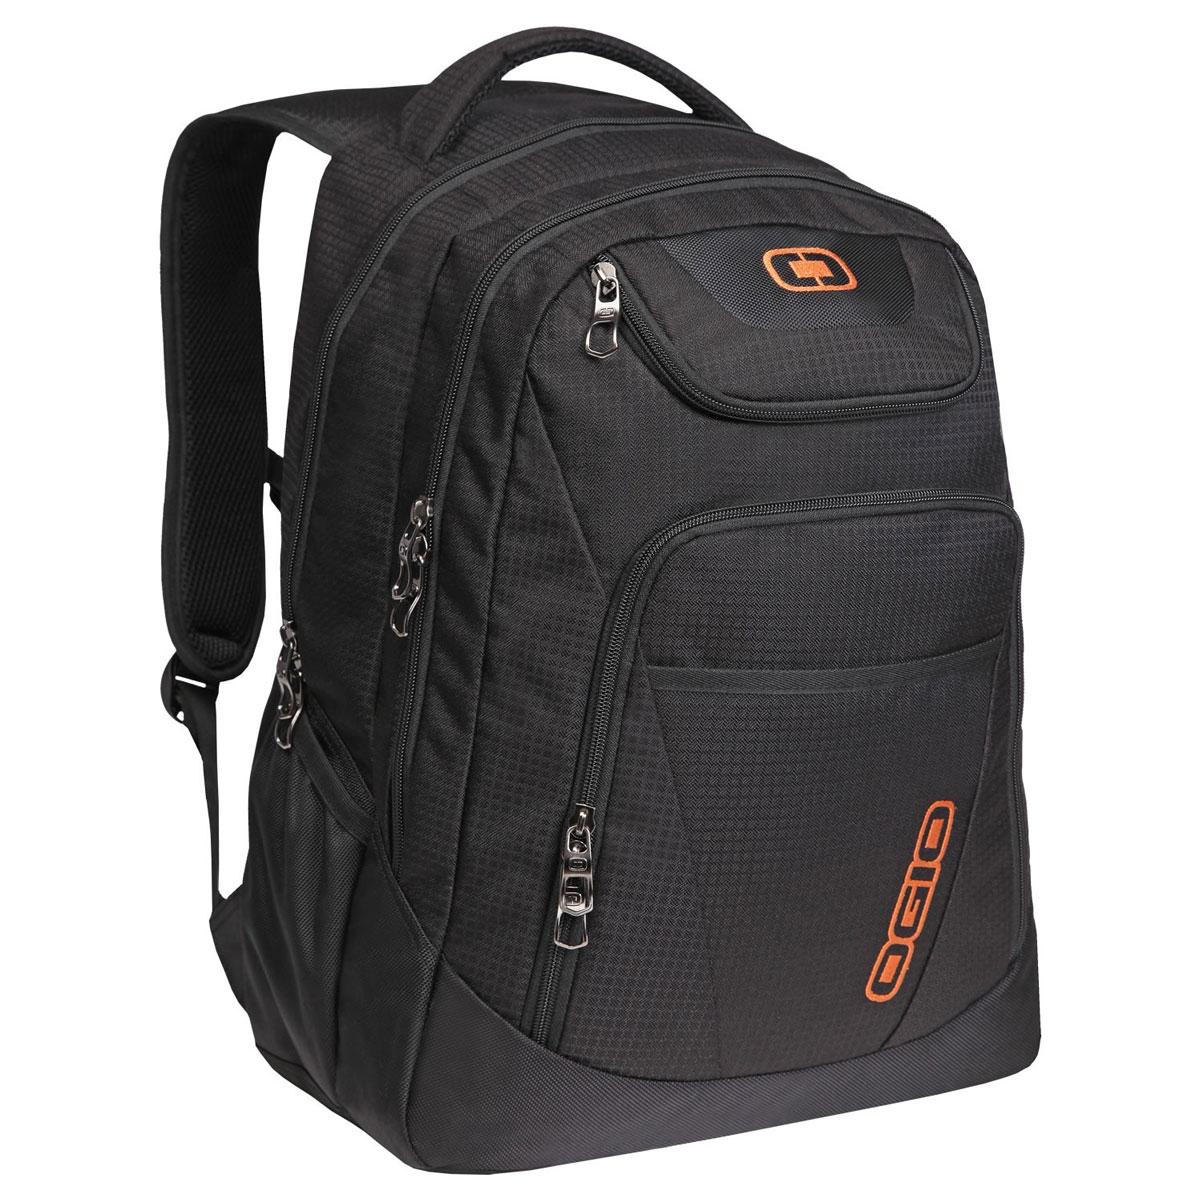 Рюкзак городской OGIO Tribune 17, цвет: черный. 111078.03 рюкзак городской ogio active c7 sport pack a s цвет черный салатовый 031652226821